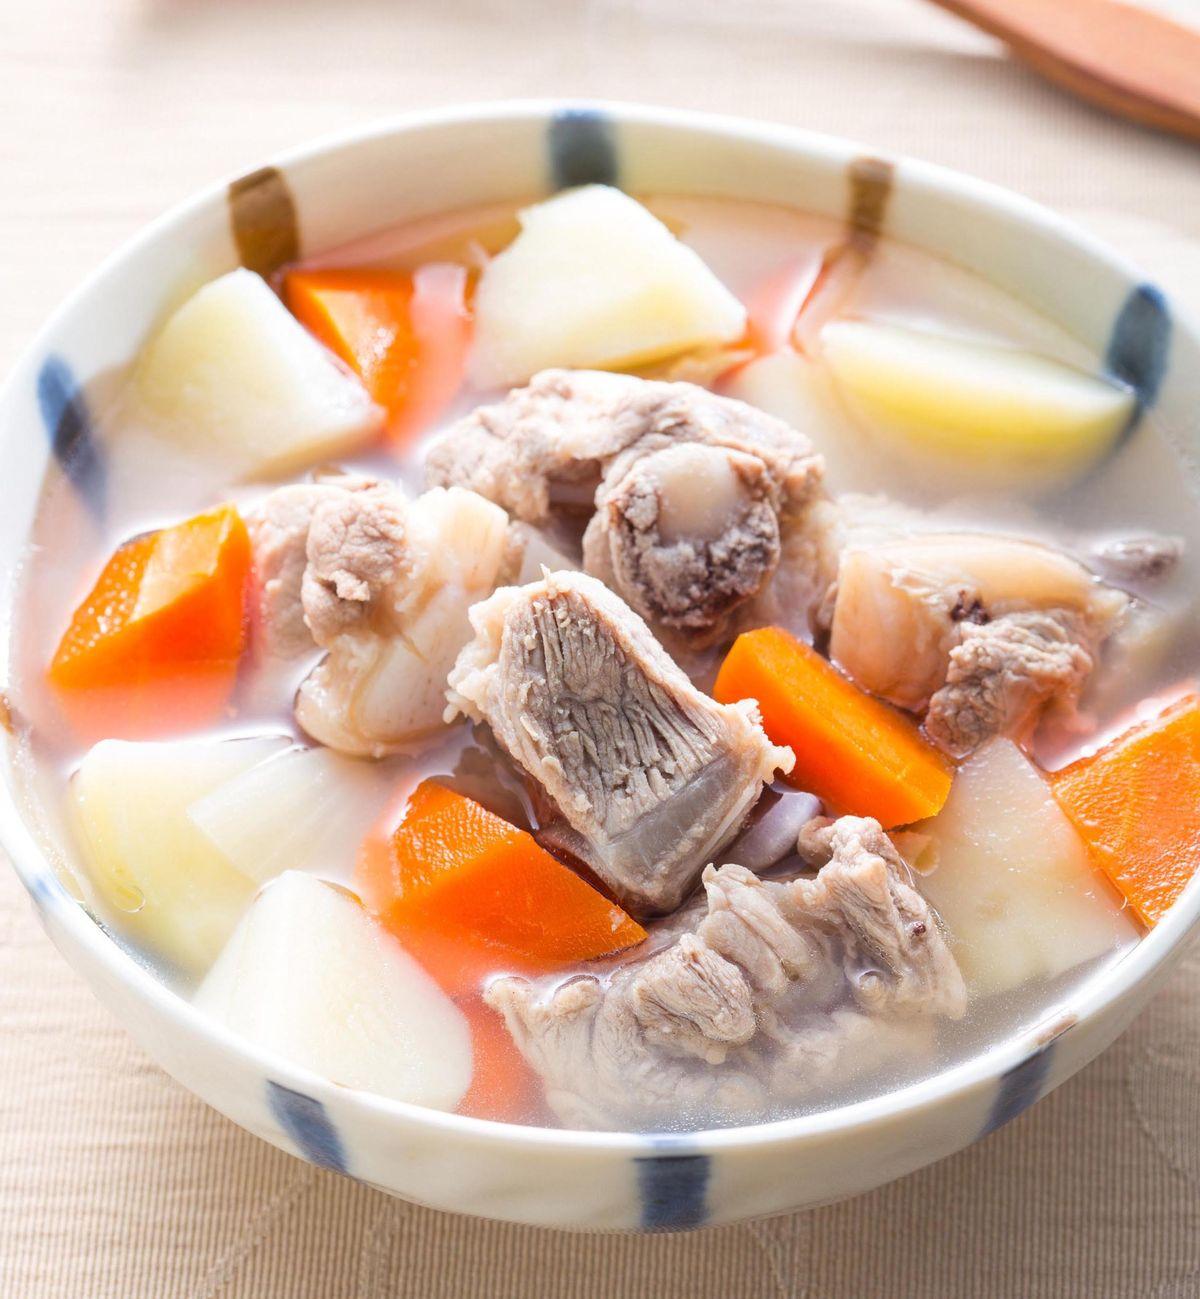 食譜:紅蘿蔔馬鈴薯排骨湯